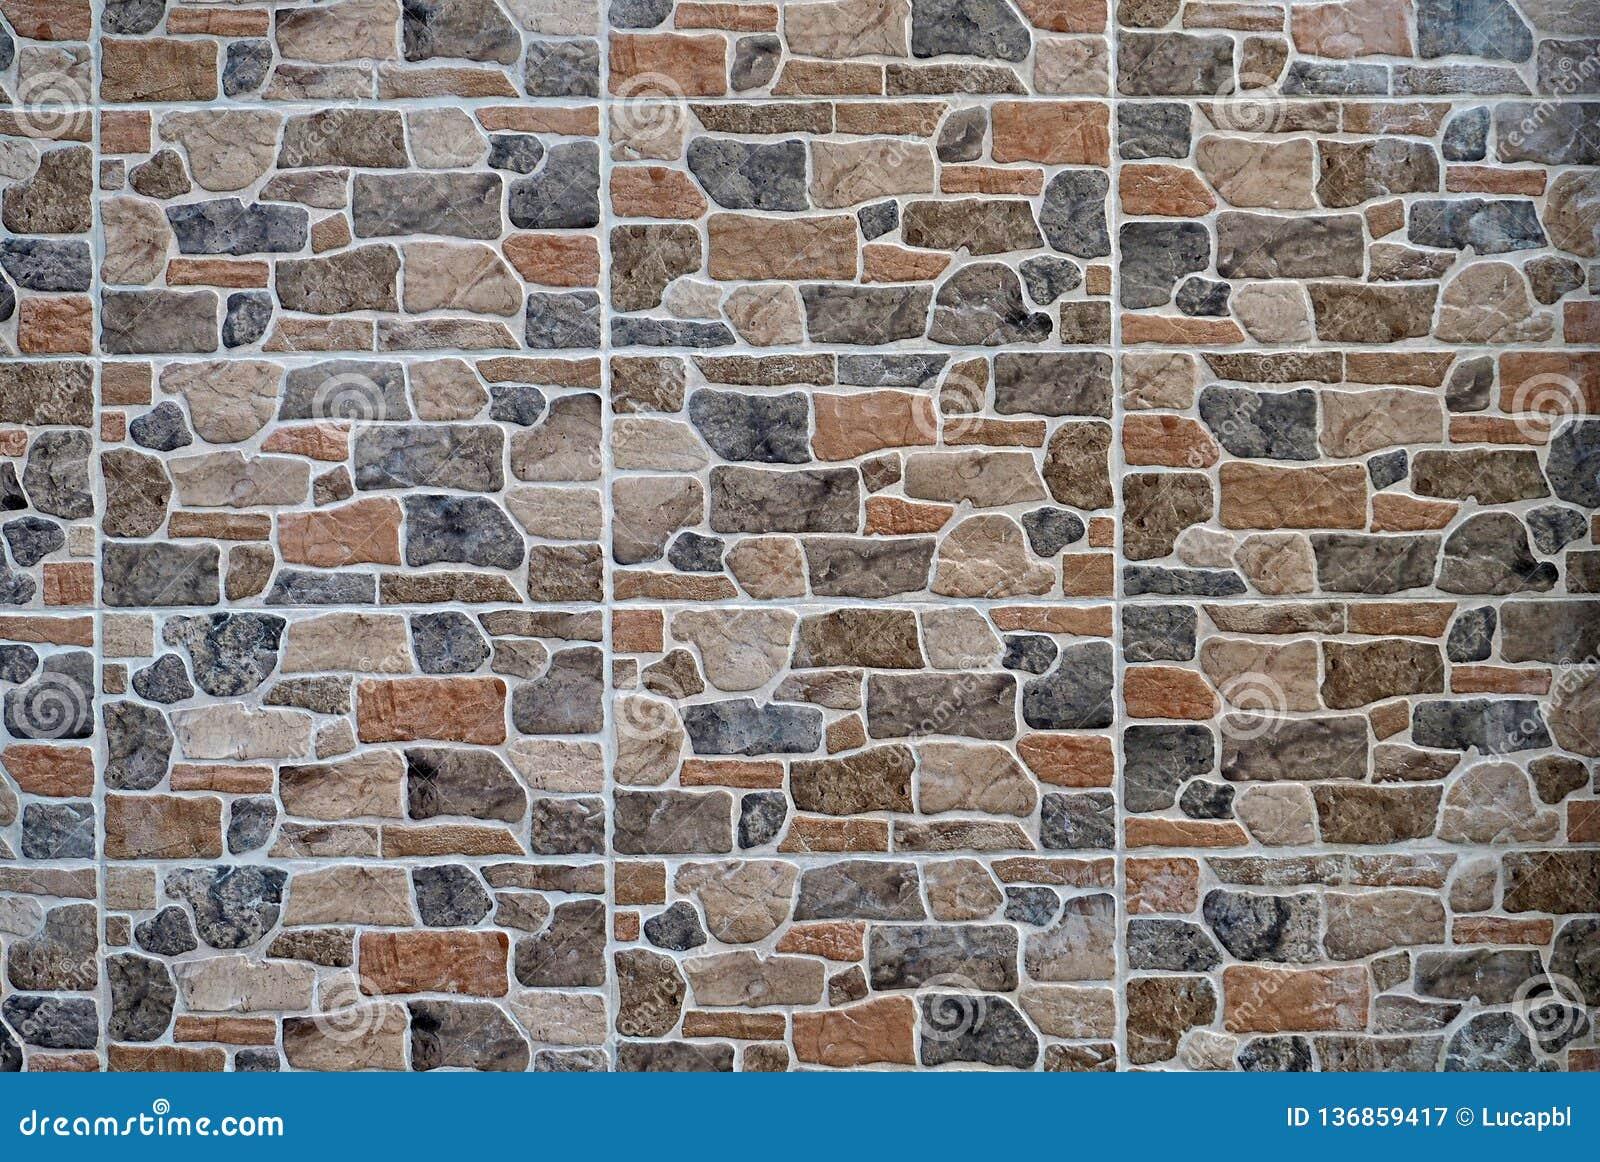 Revetement Mur Exterieur Pierre revêtement de mur en pierre fait de panneaux artificiels de